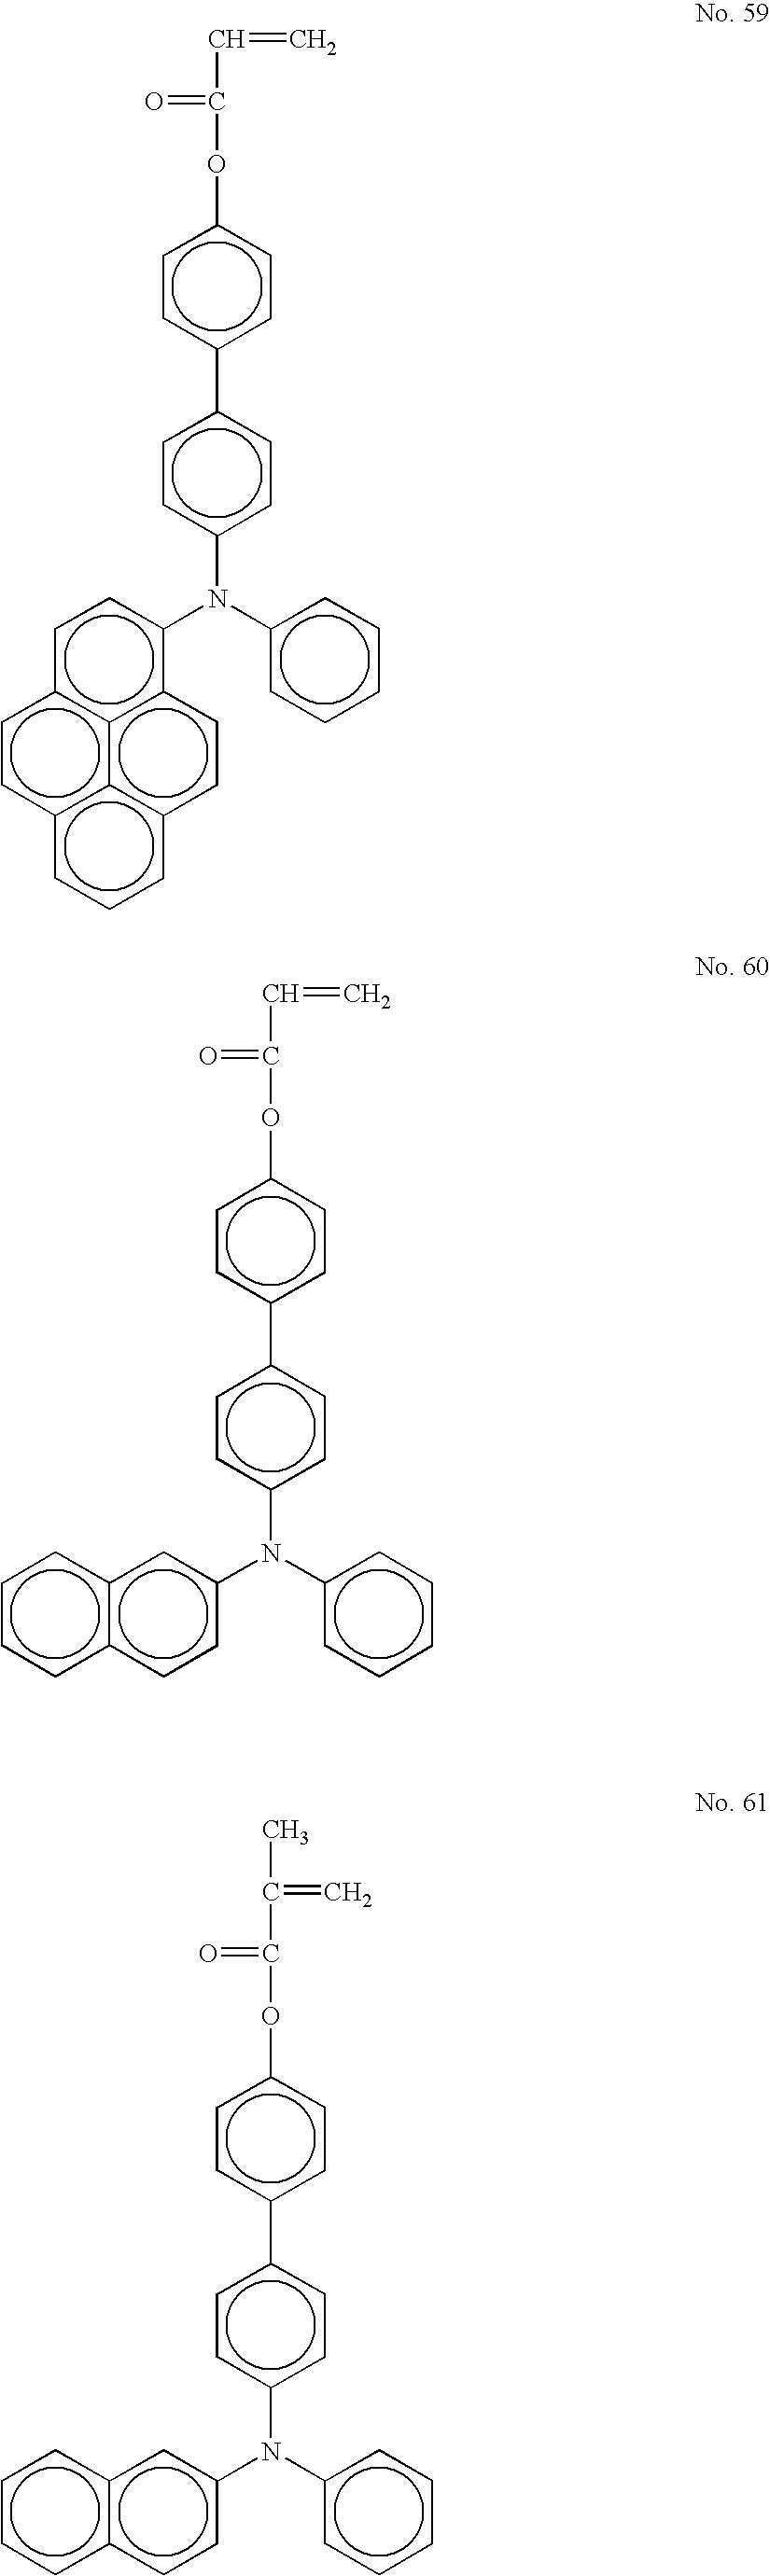 Figure US20050158641A1-20050721-C00033